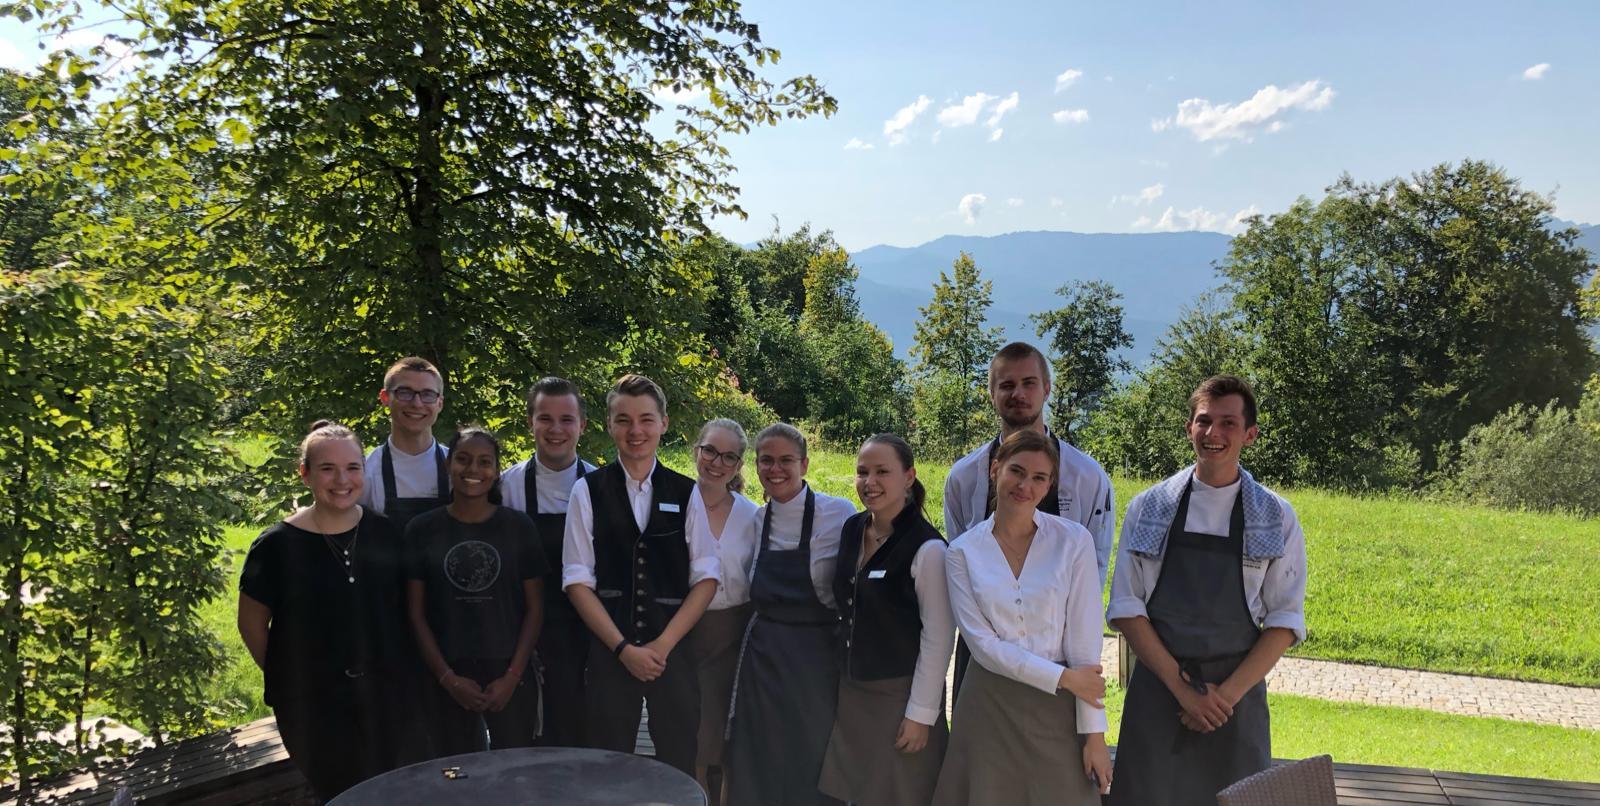 kempinski Berchtesgaden Azubis